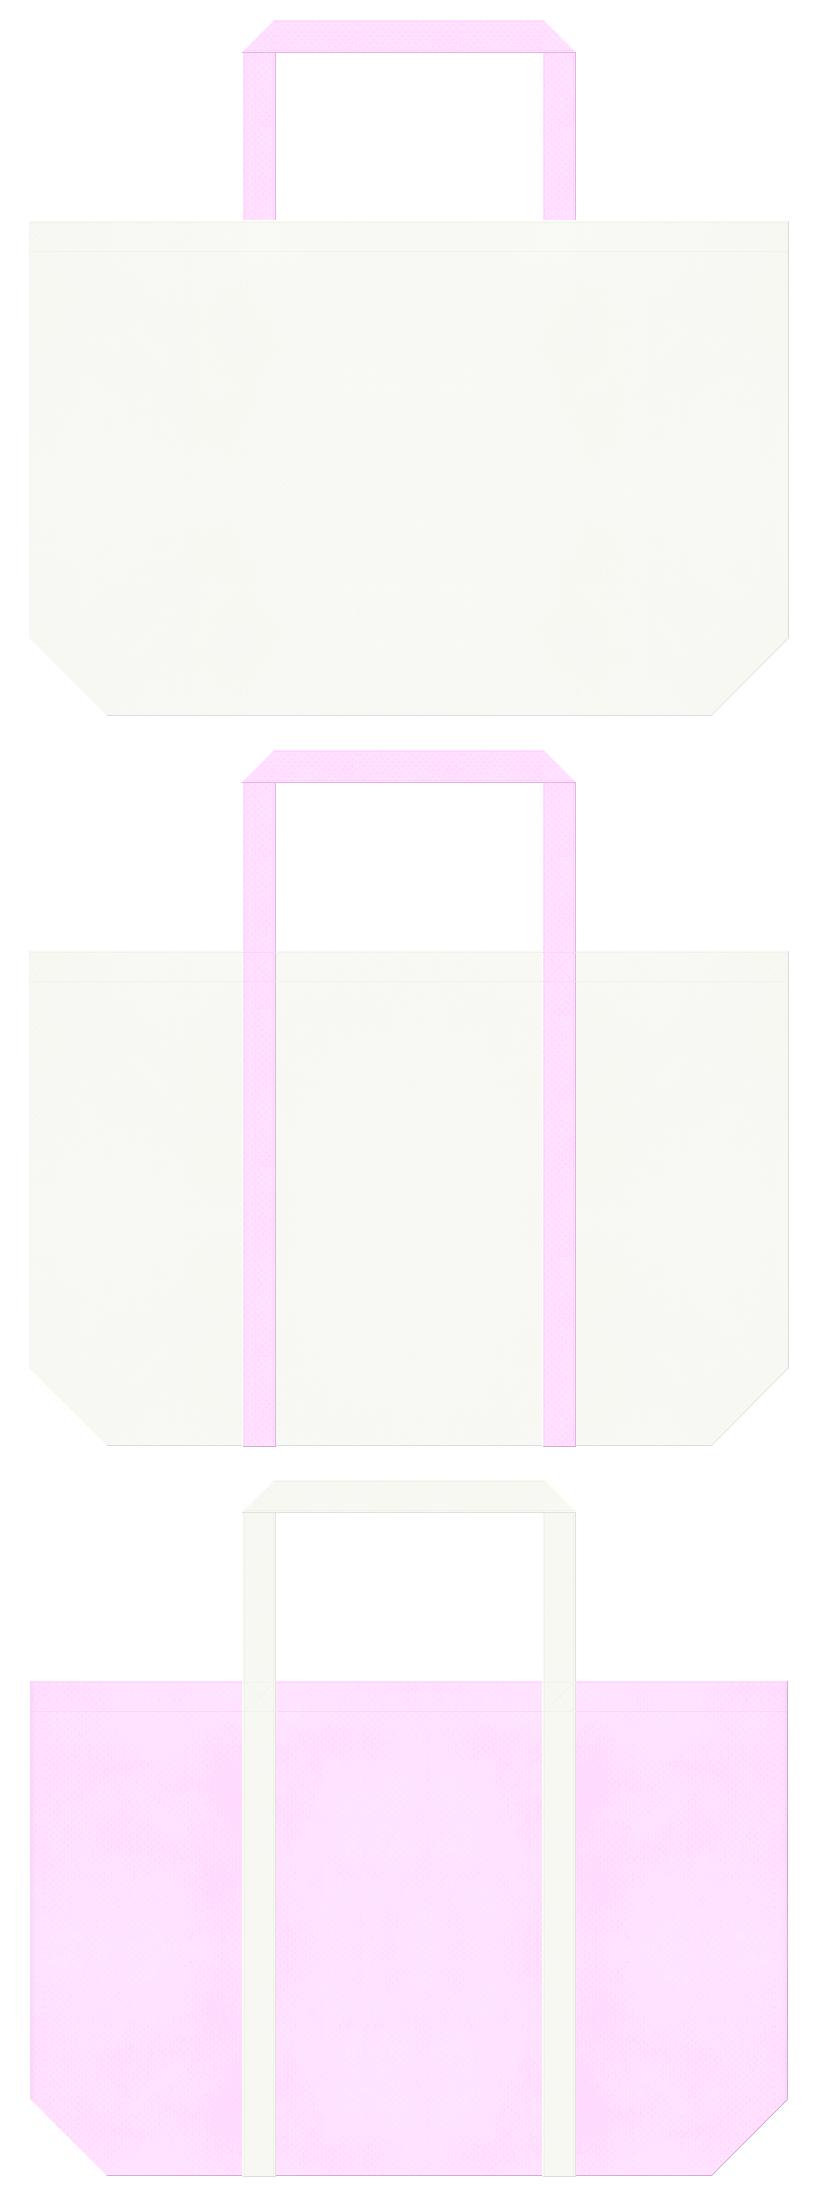 オフホワイト色と明るいピンク色の不織布ショッピングバッグのデザイン:母の日・ネイルサロン・ブライダルギフト商品のショッピングバッグにお奨めです。